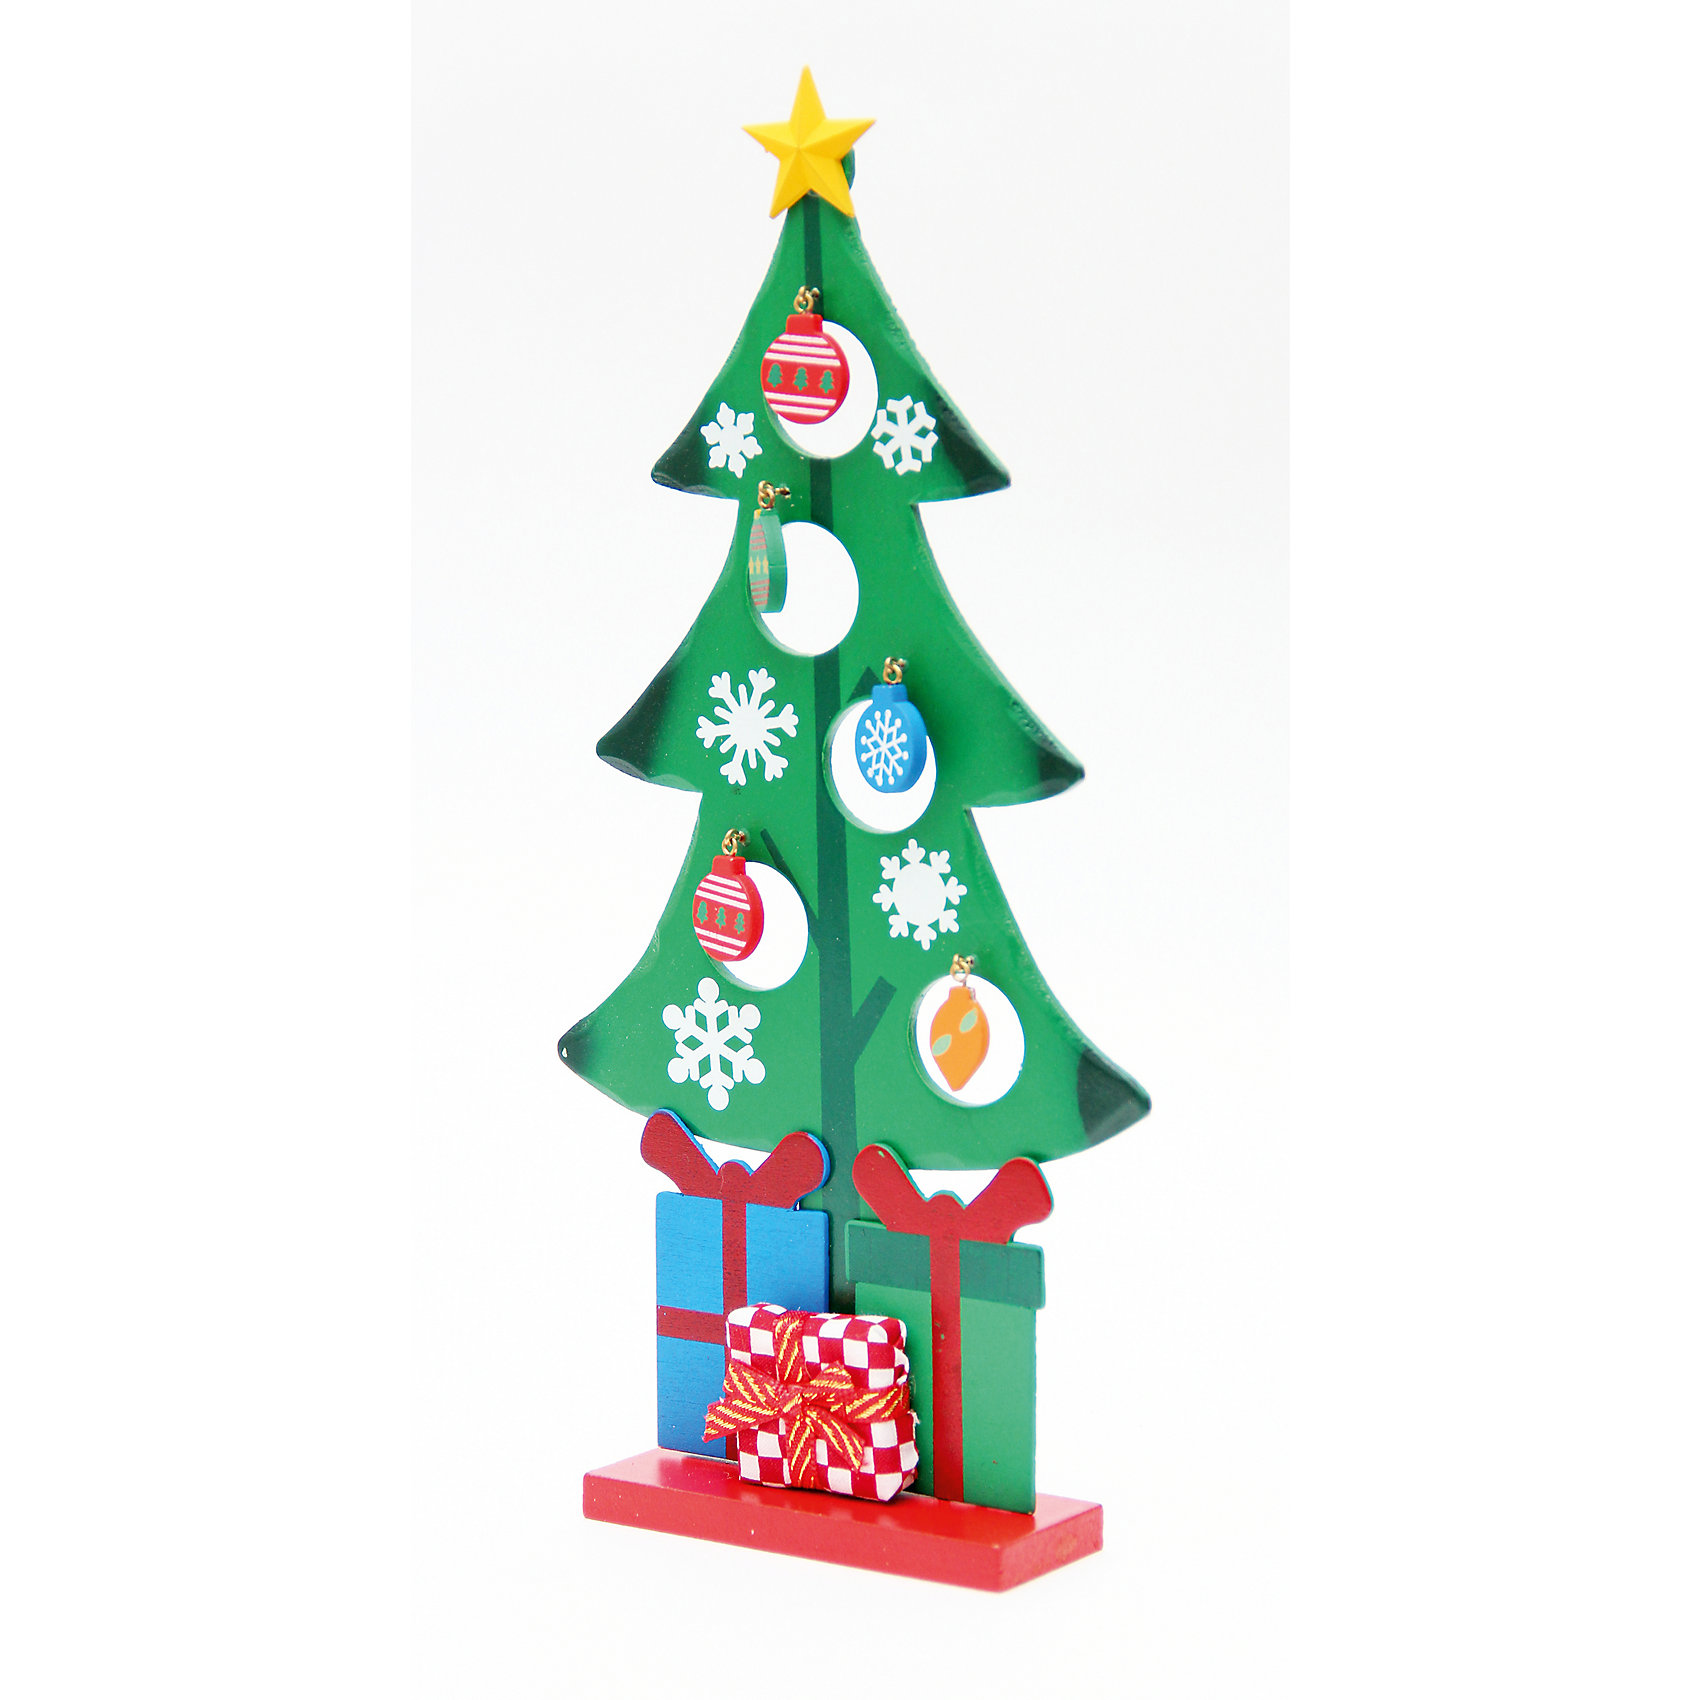 Деревянное украшение Рождественская ёлочка 28 смНовинки Новый Год<br>Деревянное украшение Рождественская ёлочка, Феникс-презент, замечательно украсит Ваш интерьер и станет приятным сувениром для родных и друзей. Украшение выполнено в виде зеленой новогодней елочки на подставке и разрисовано изображениями снежинок. Верхушку<br>елочки украшает желтая звезда. В елке имеются круглые отверстия с небольшими металлическими крючками, на которые можно повесить деревянные елочные игрушки, входящие в комплект. Симпатичная елочка порадует и взрослых и детей и создаст волшебную атмосферу<br>новогодних праздников. <br><br><br>Дополнительная информация:<br><br>- Материал: древесина тополя.<br>- Высота елки: 28 см.<br>- Размер подставки: 9,5 х 3,5 см.<br>- Размер упаковки: 29 x 18 x 3 см.<br><br>Деревянное украшение Рождественская ёлочка, Феникс-презент, можно купить в нашем интернет-магазине.<br><br>Ширина мм: 290<br>Глубина мм: 180<br>Высота мм: 30<br>Вес г: 100<br>Возраст от месяцев: 36<br>Возраст до месяцев: 2147483647<br>Пол: Унисекс<br>Возраст: Детский<br>SKU: 4274721